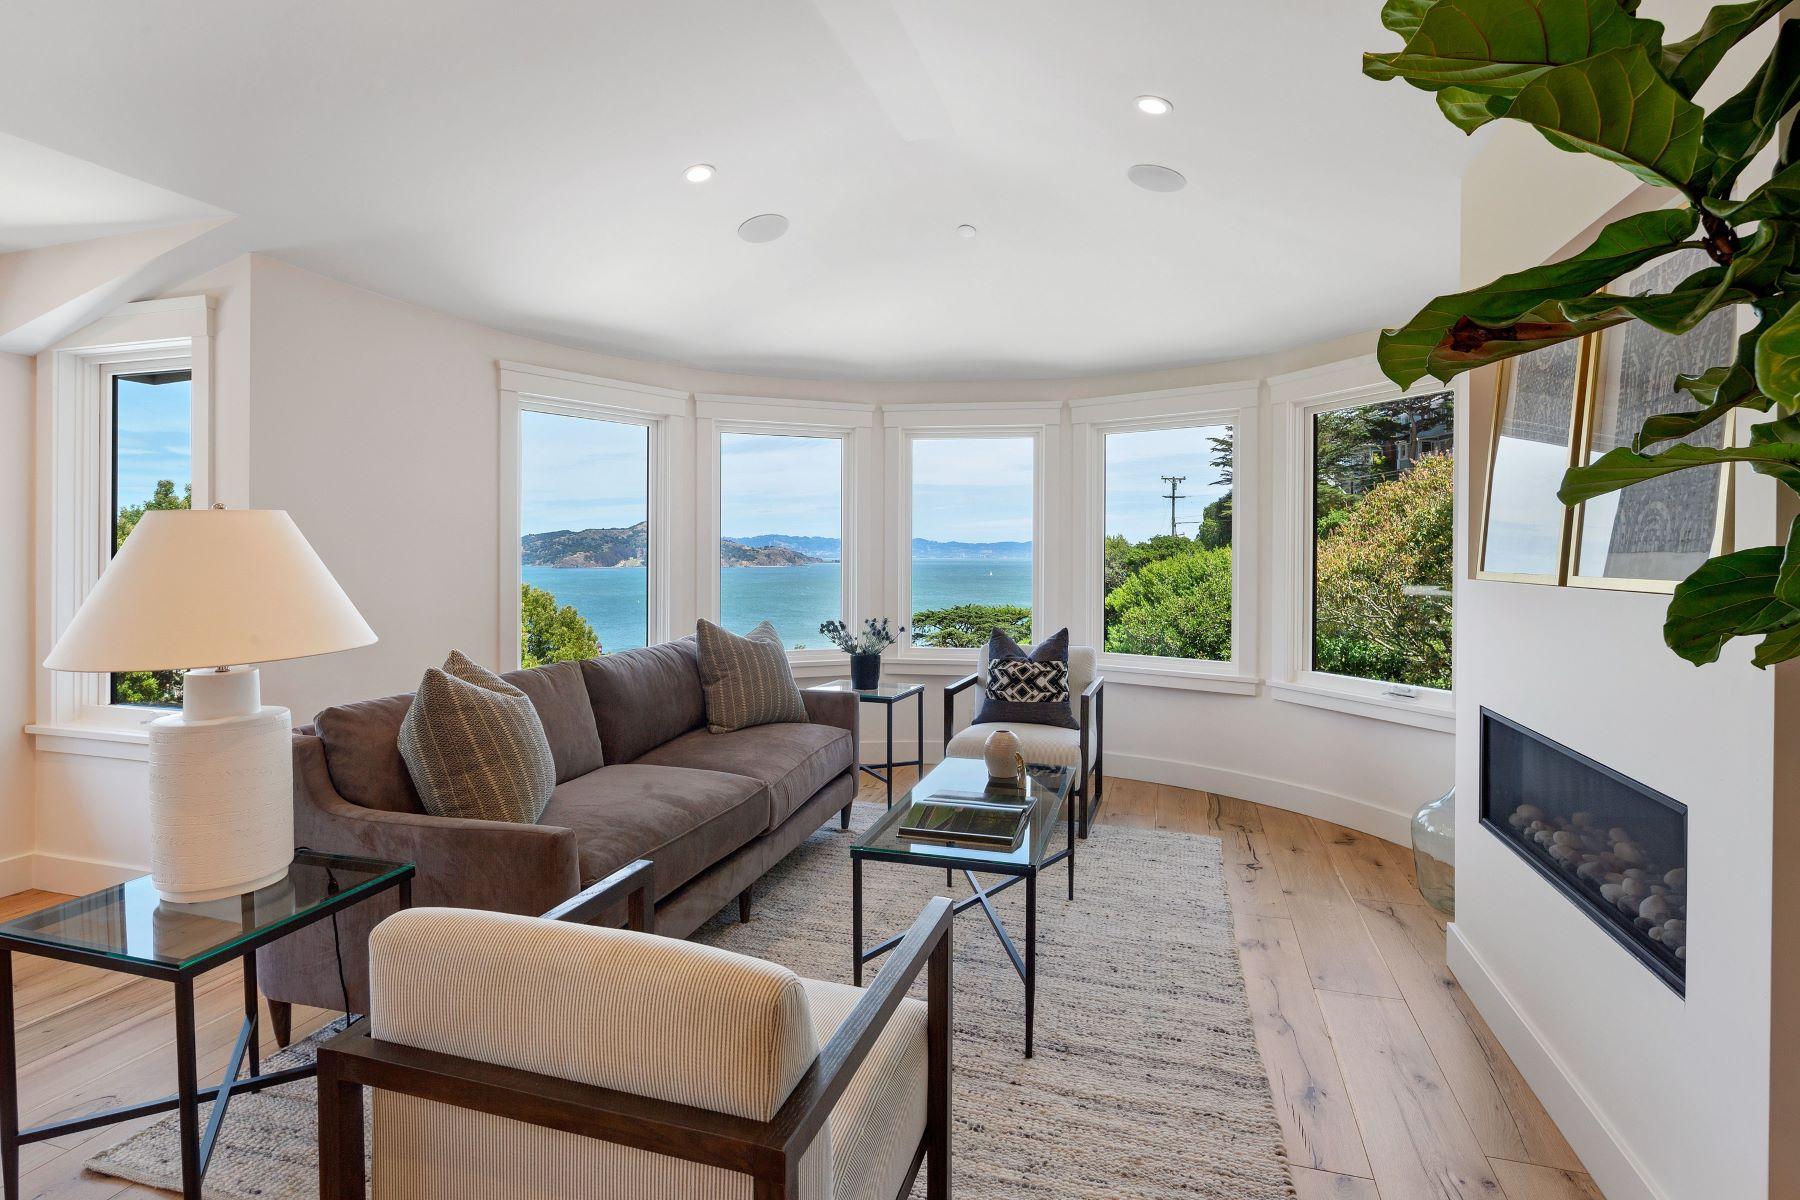 townhouses pour l Vente à Brand New Contemporary Town Home - Ideal Location 37 Crescent Avenue, Sausalito, Californie 94965 États-Unis